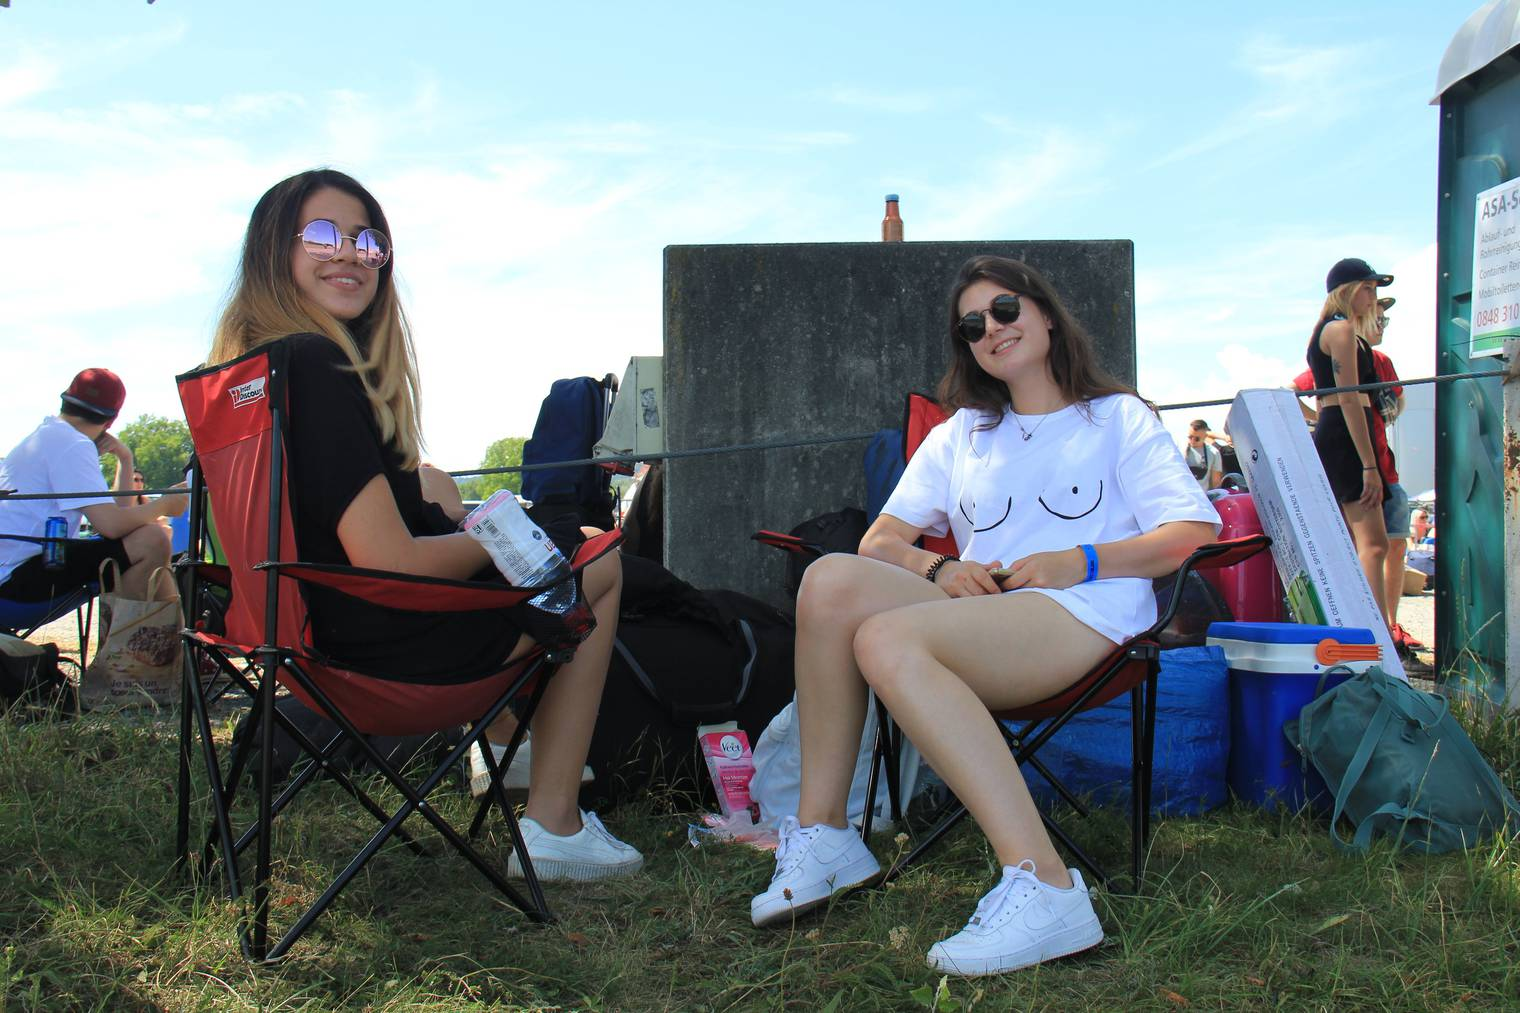 Anina und Aurora haben sich beim Warten die Beine gewachst